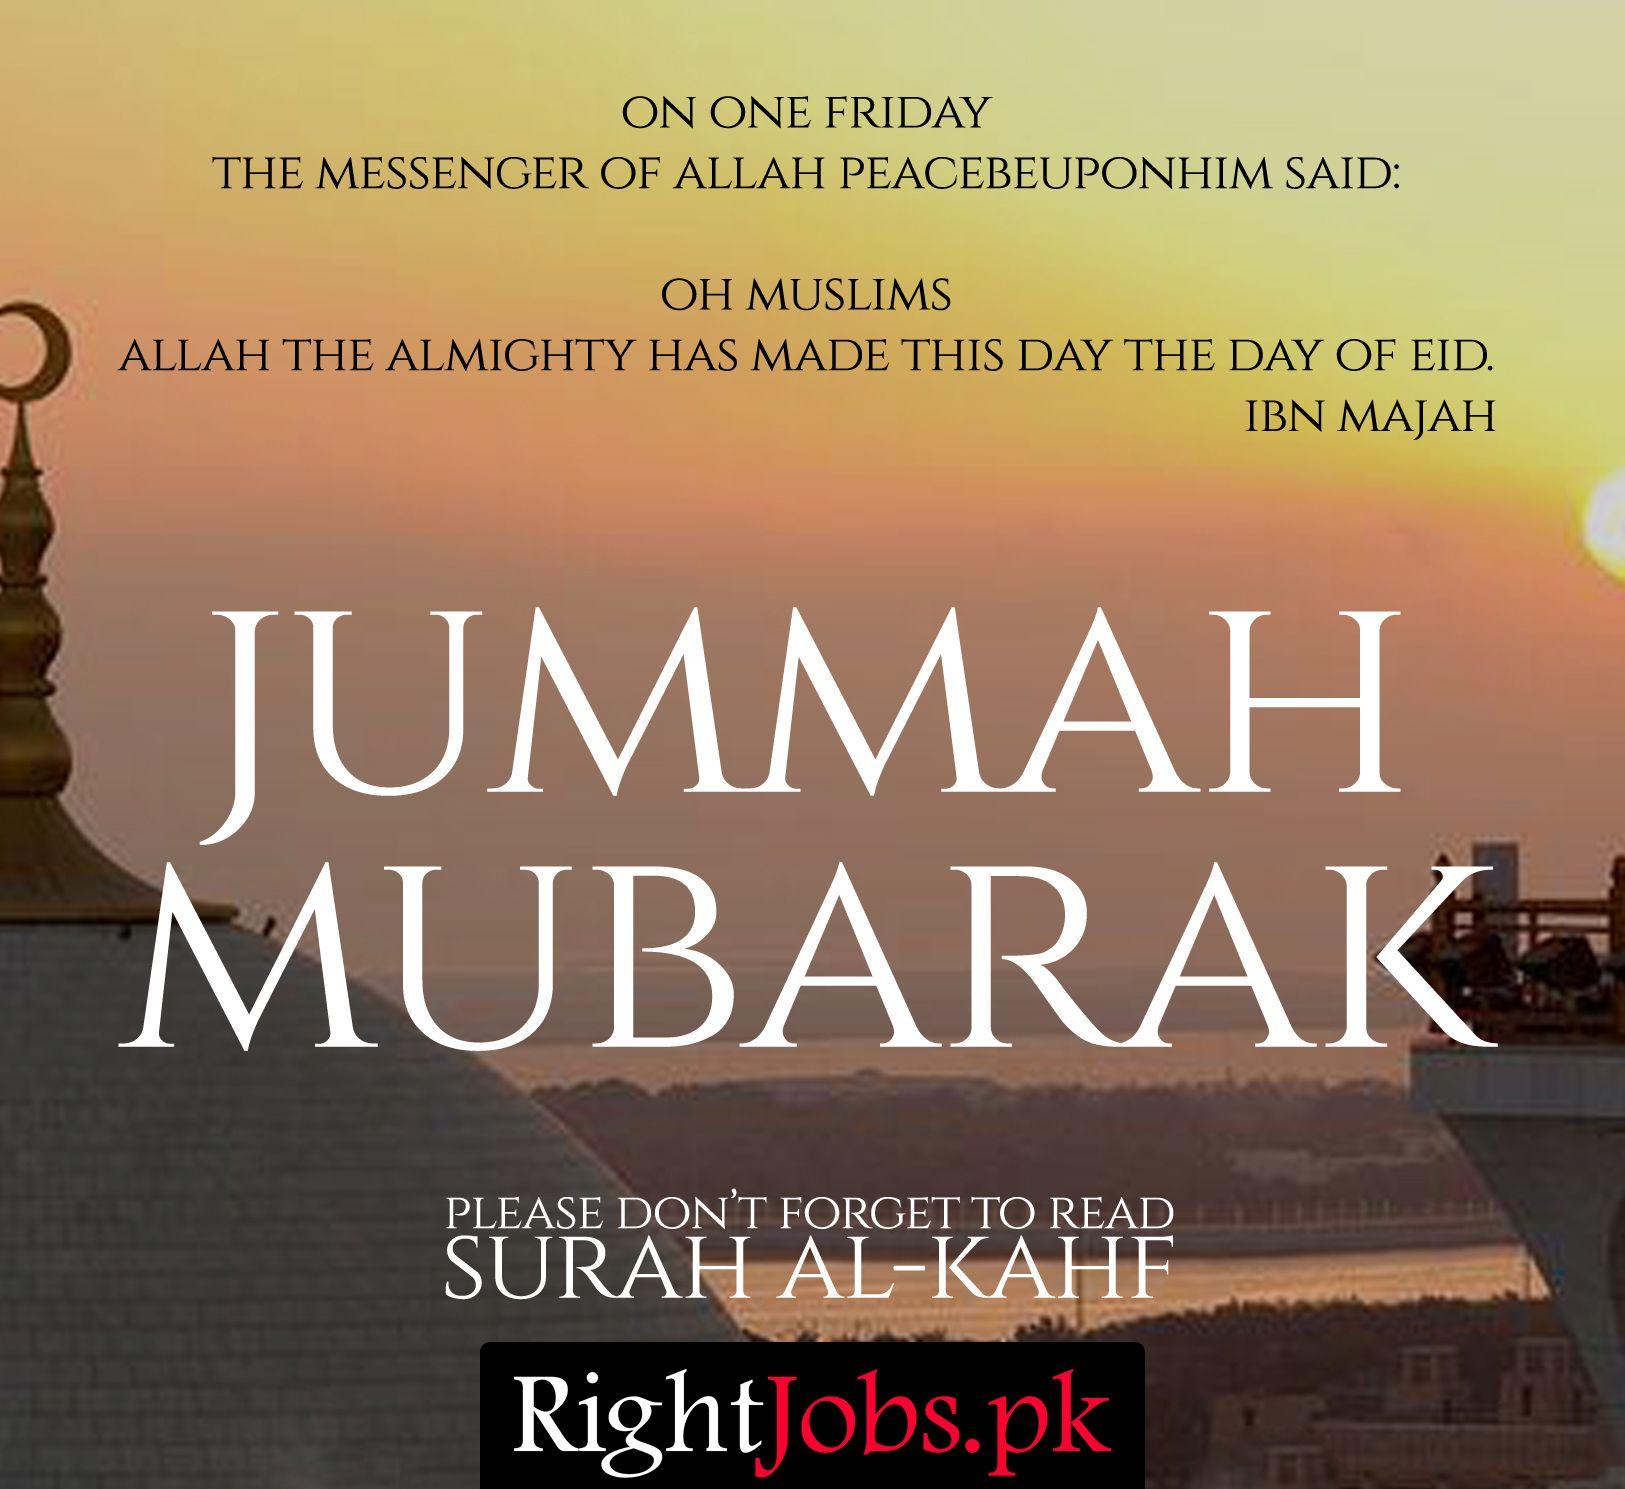 Pin by Right Jobs. Pk on Job Portal Jumma mubarak